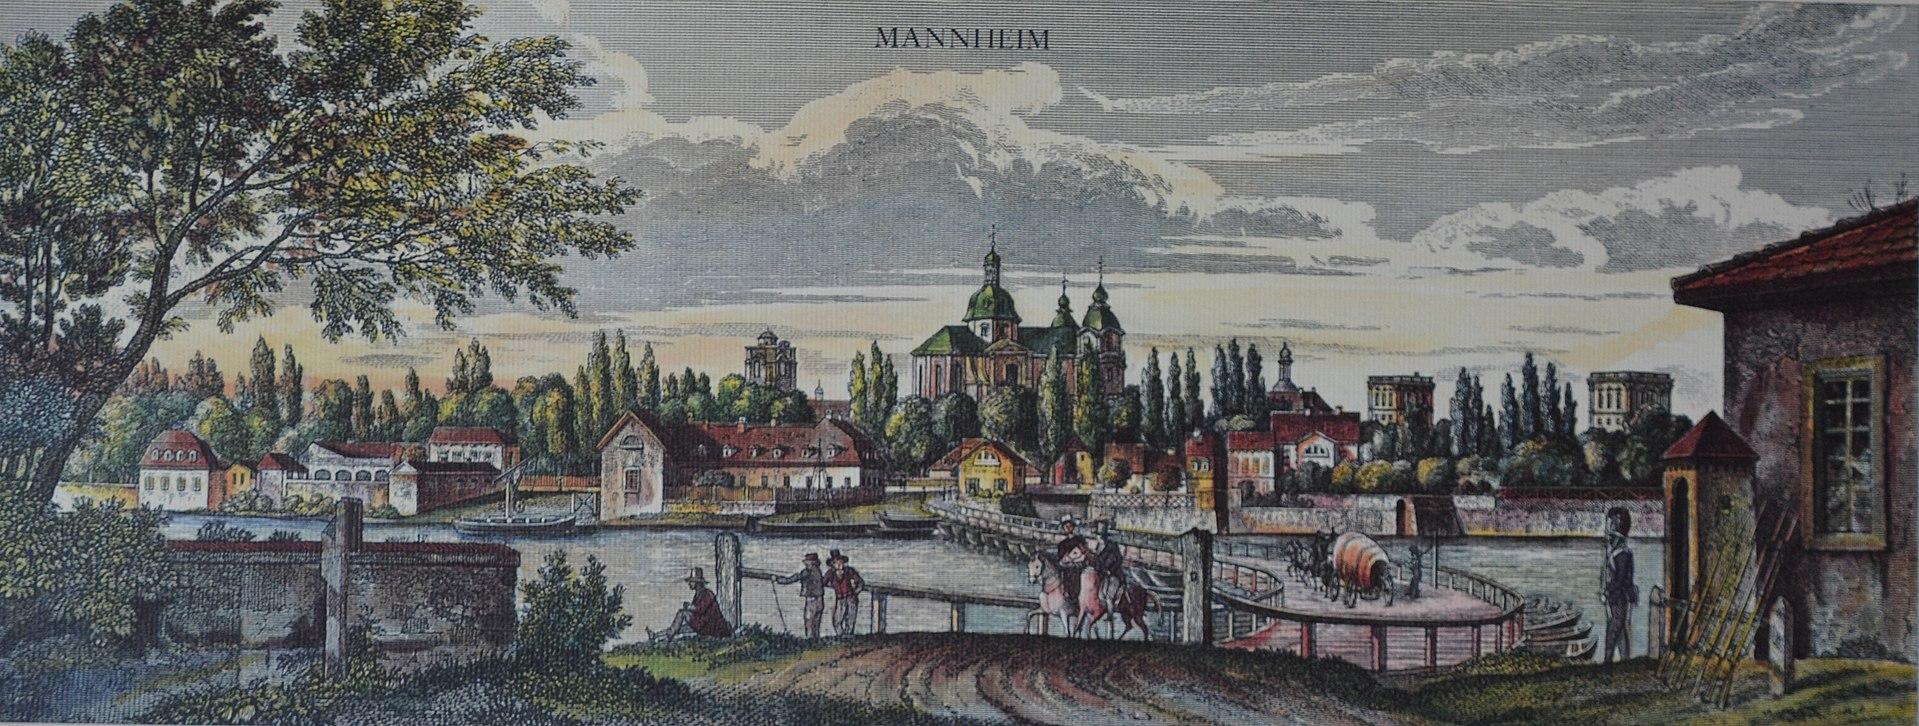 Mannheim 1846.jpg